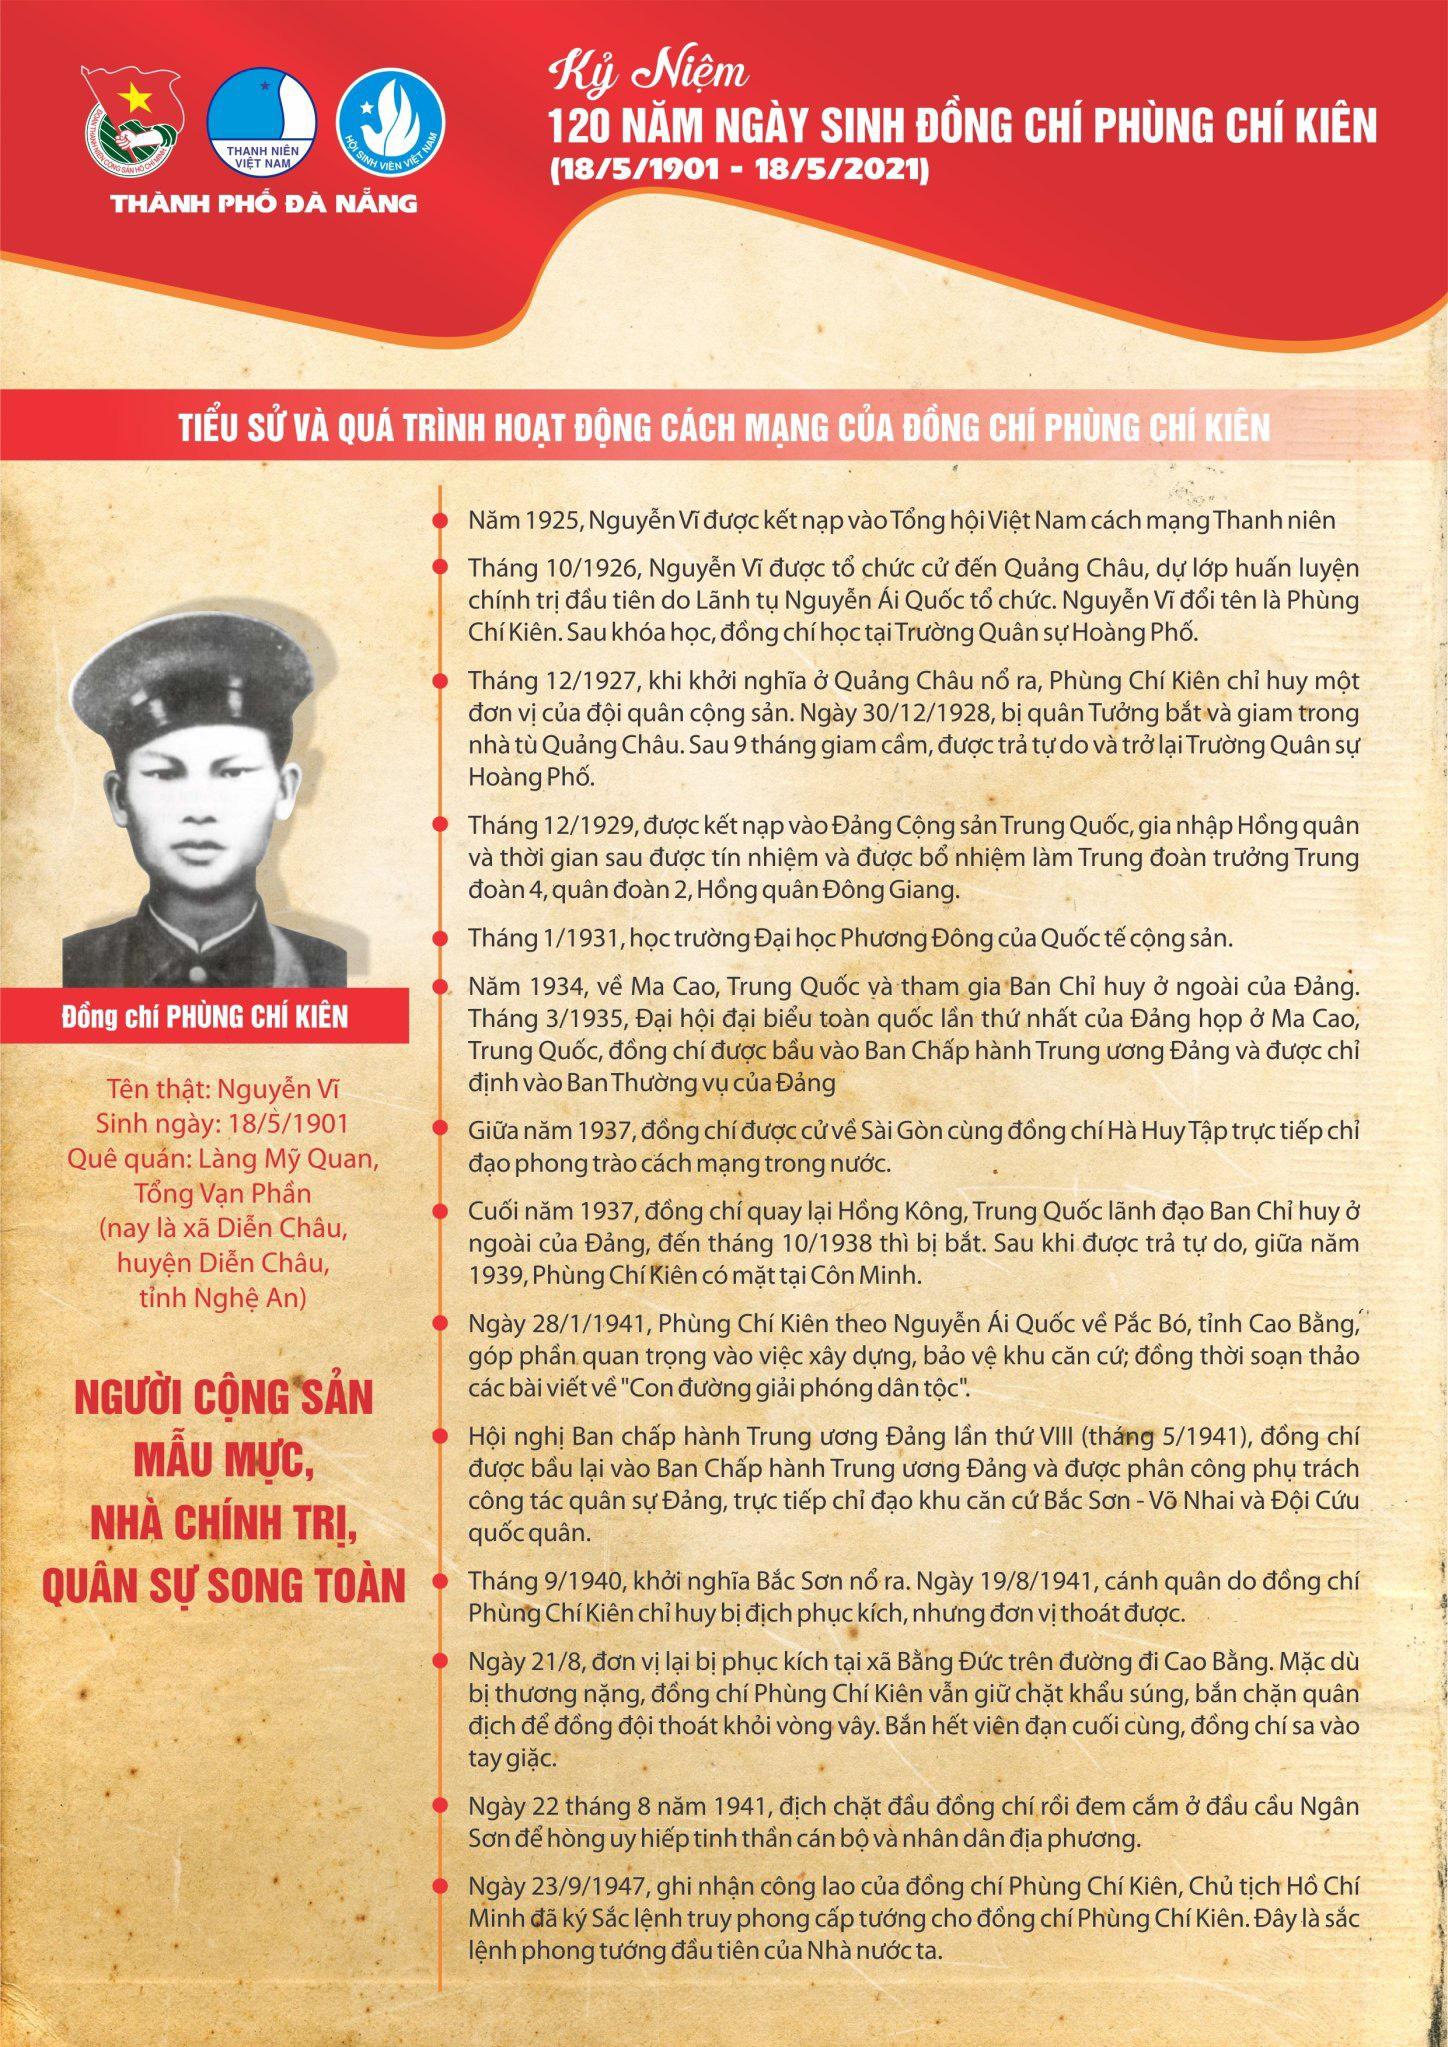 Kỷ niệm 120 năm ngày sinh của đồng chí Phùng Chí Kiên (18/5/1901 – 18/5/2021)